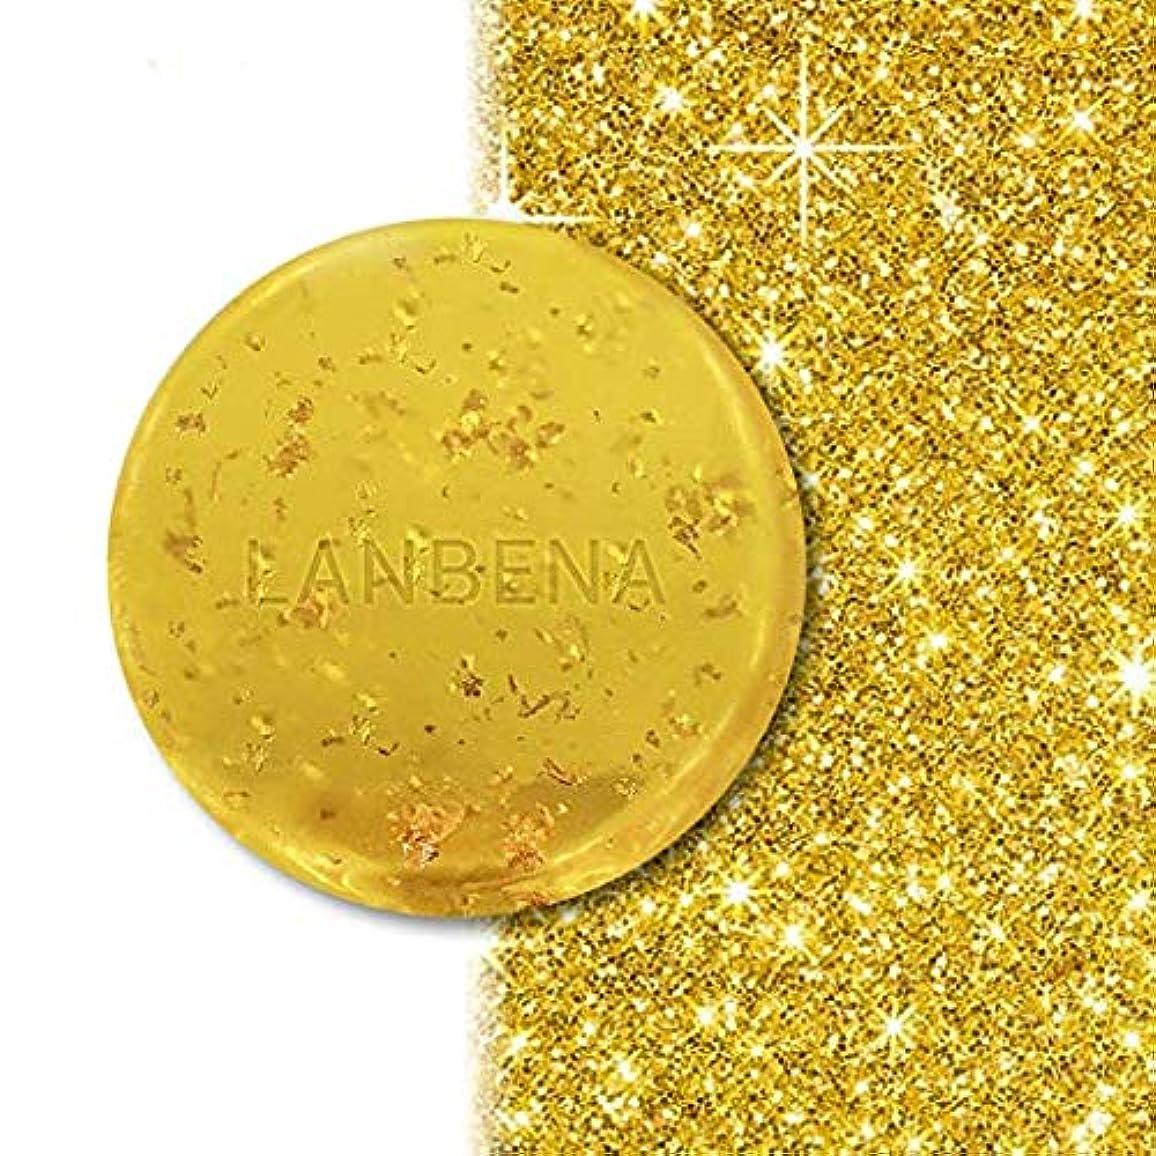 異邦人国内の孤独24Kゴールドハンドメイドハーブソープ海藻ディープクレンジングモイスチャライジング肌の美白、しわの発生を最小限に抑える、肌の色合いを引き締める、健康なシャンプー、ファインラインフェイスケア24K Gold Handmade...